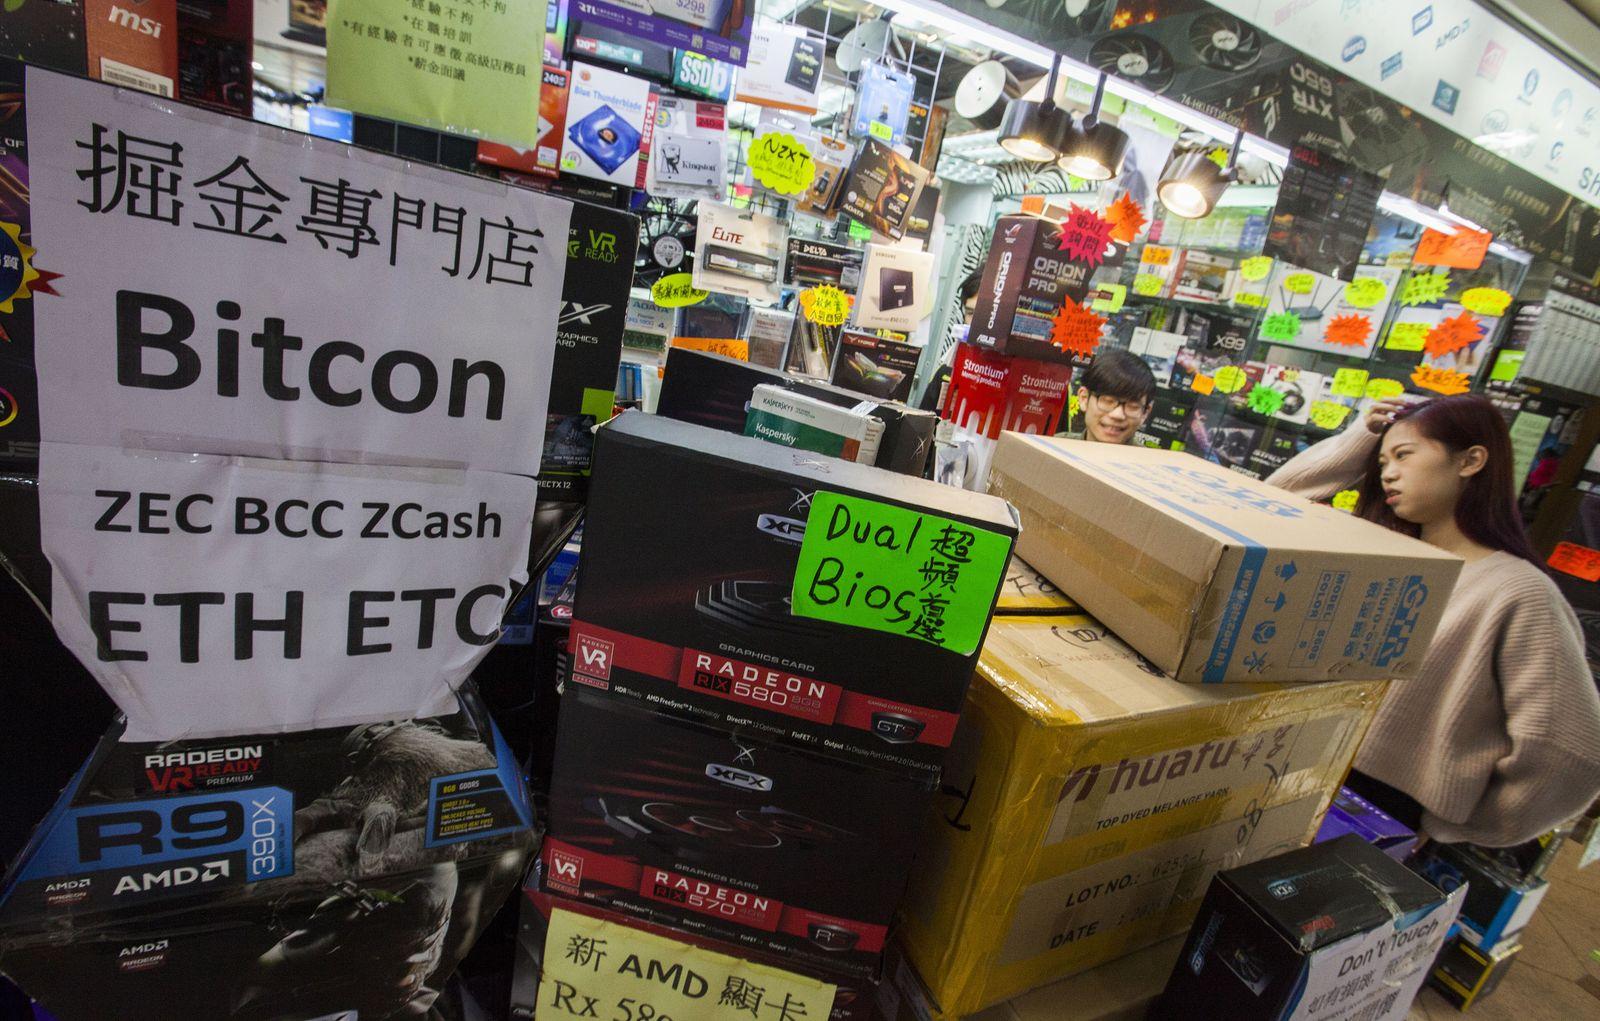 Hong Kong technology traders sell bitcoin mining computers despite criticism from China - 04 Jan 2018